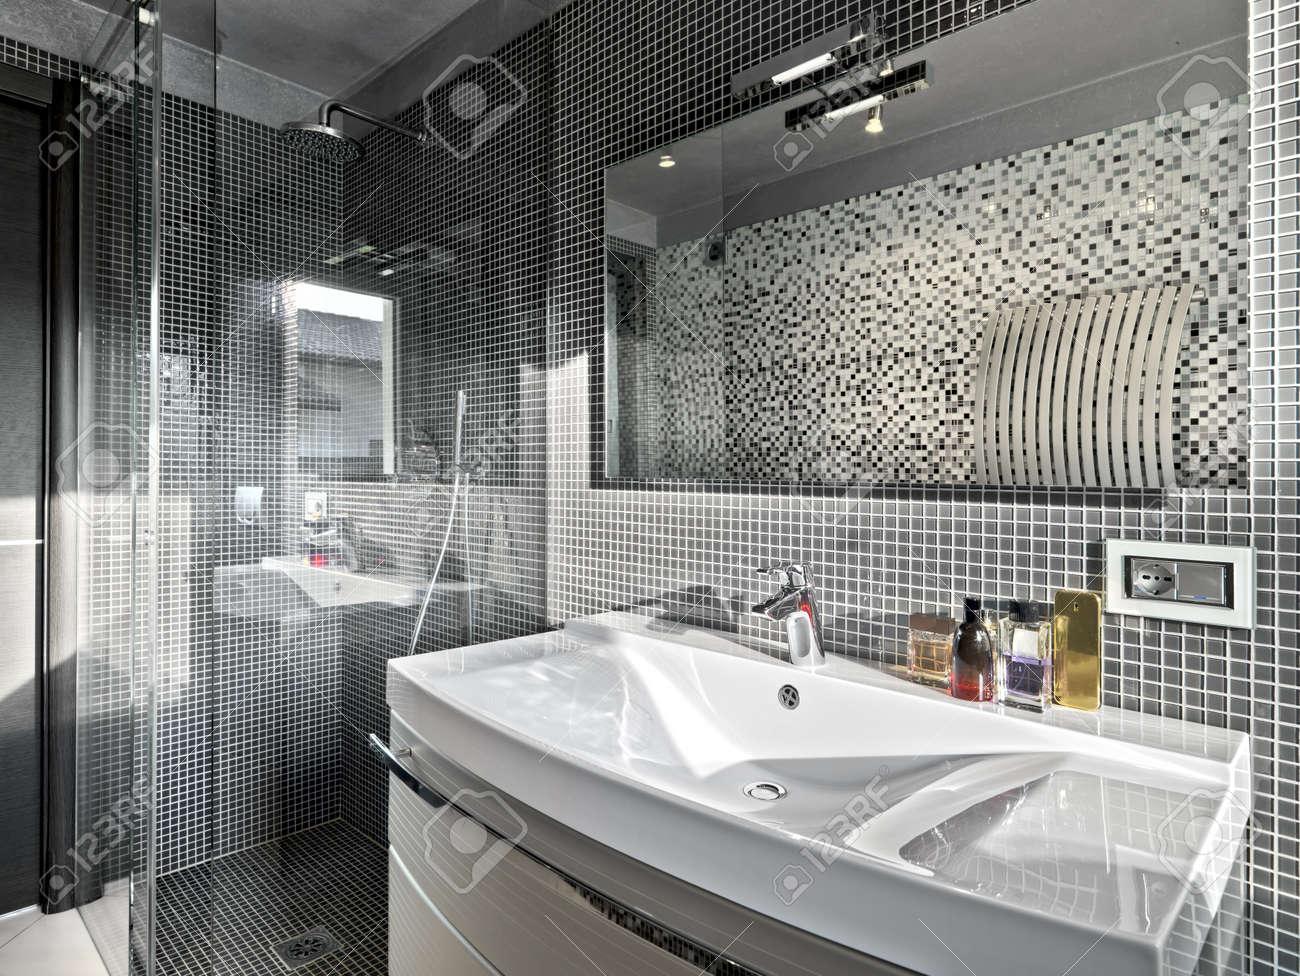 Détail de lavabo dans une salle de bain moderne avec cabine de ...